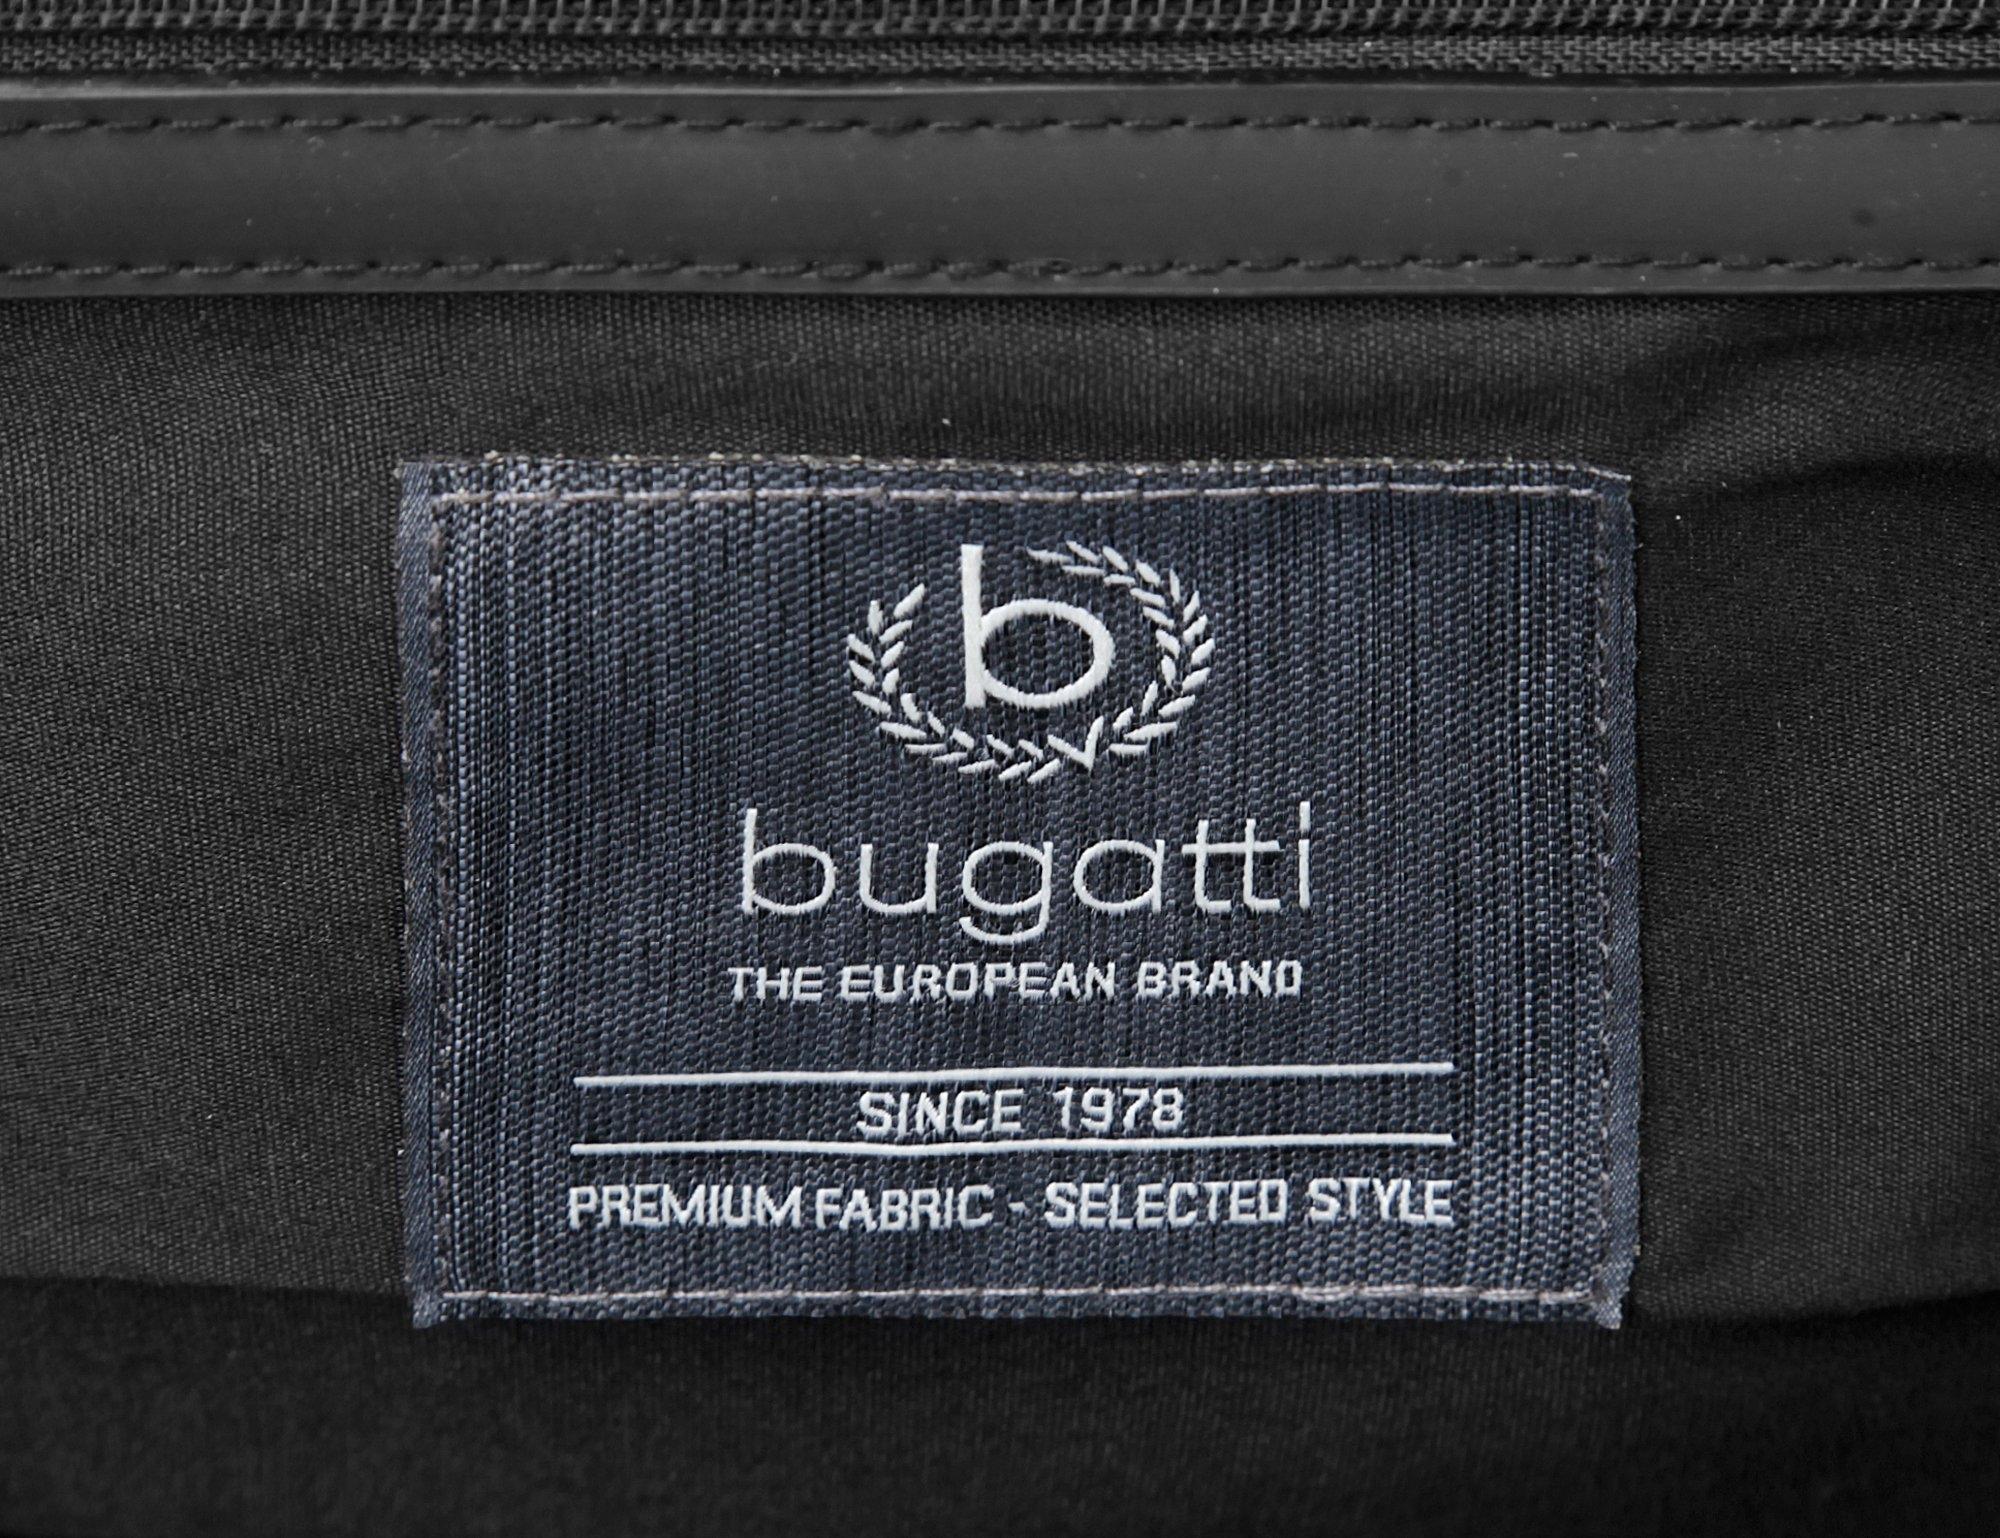 Online Reistasdomani Bugatti Reistasdomani Verkrijgbaar Reistasdomani Bugatti Online Online Verkrijgbaar Verkrijgbaar Bugatti EIWDH2Y9